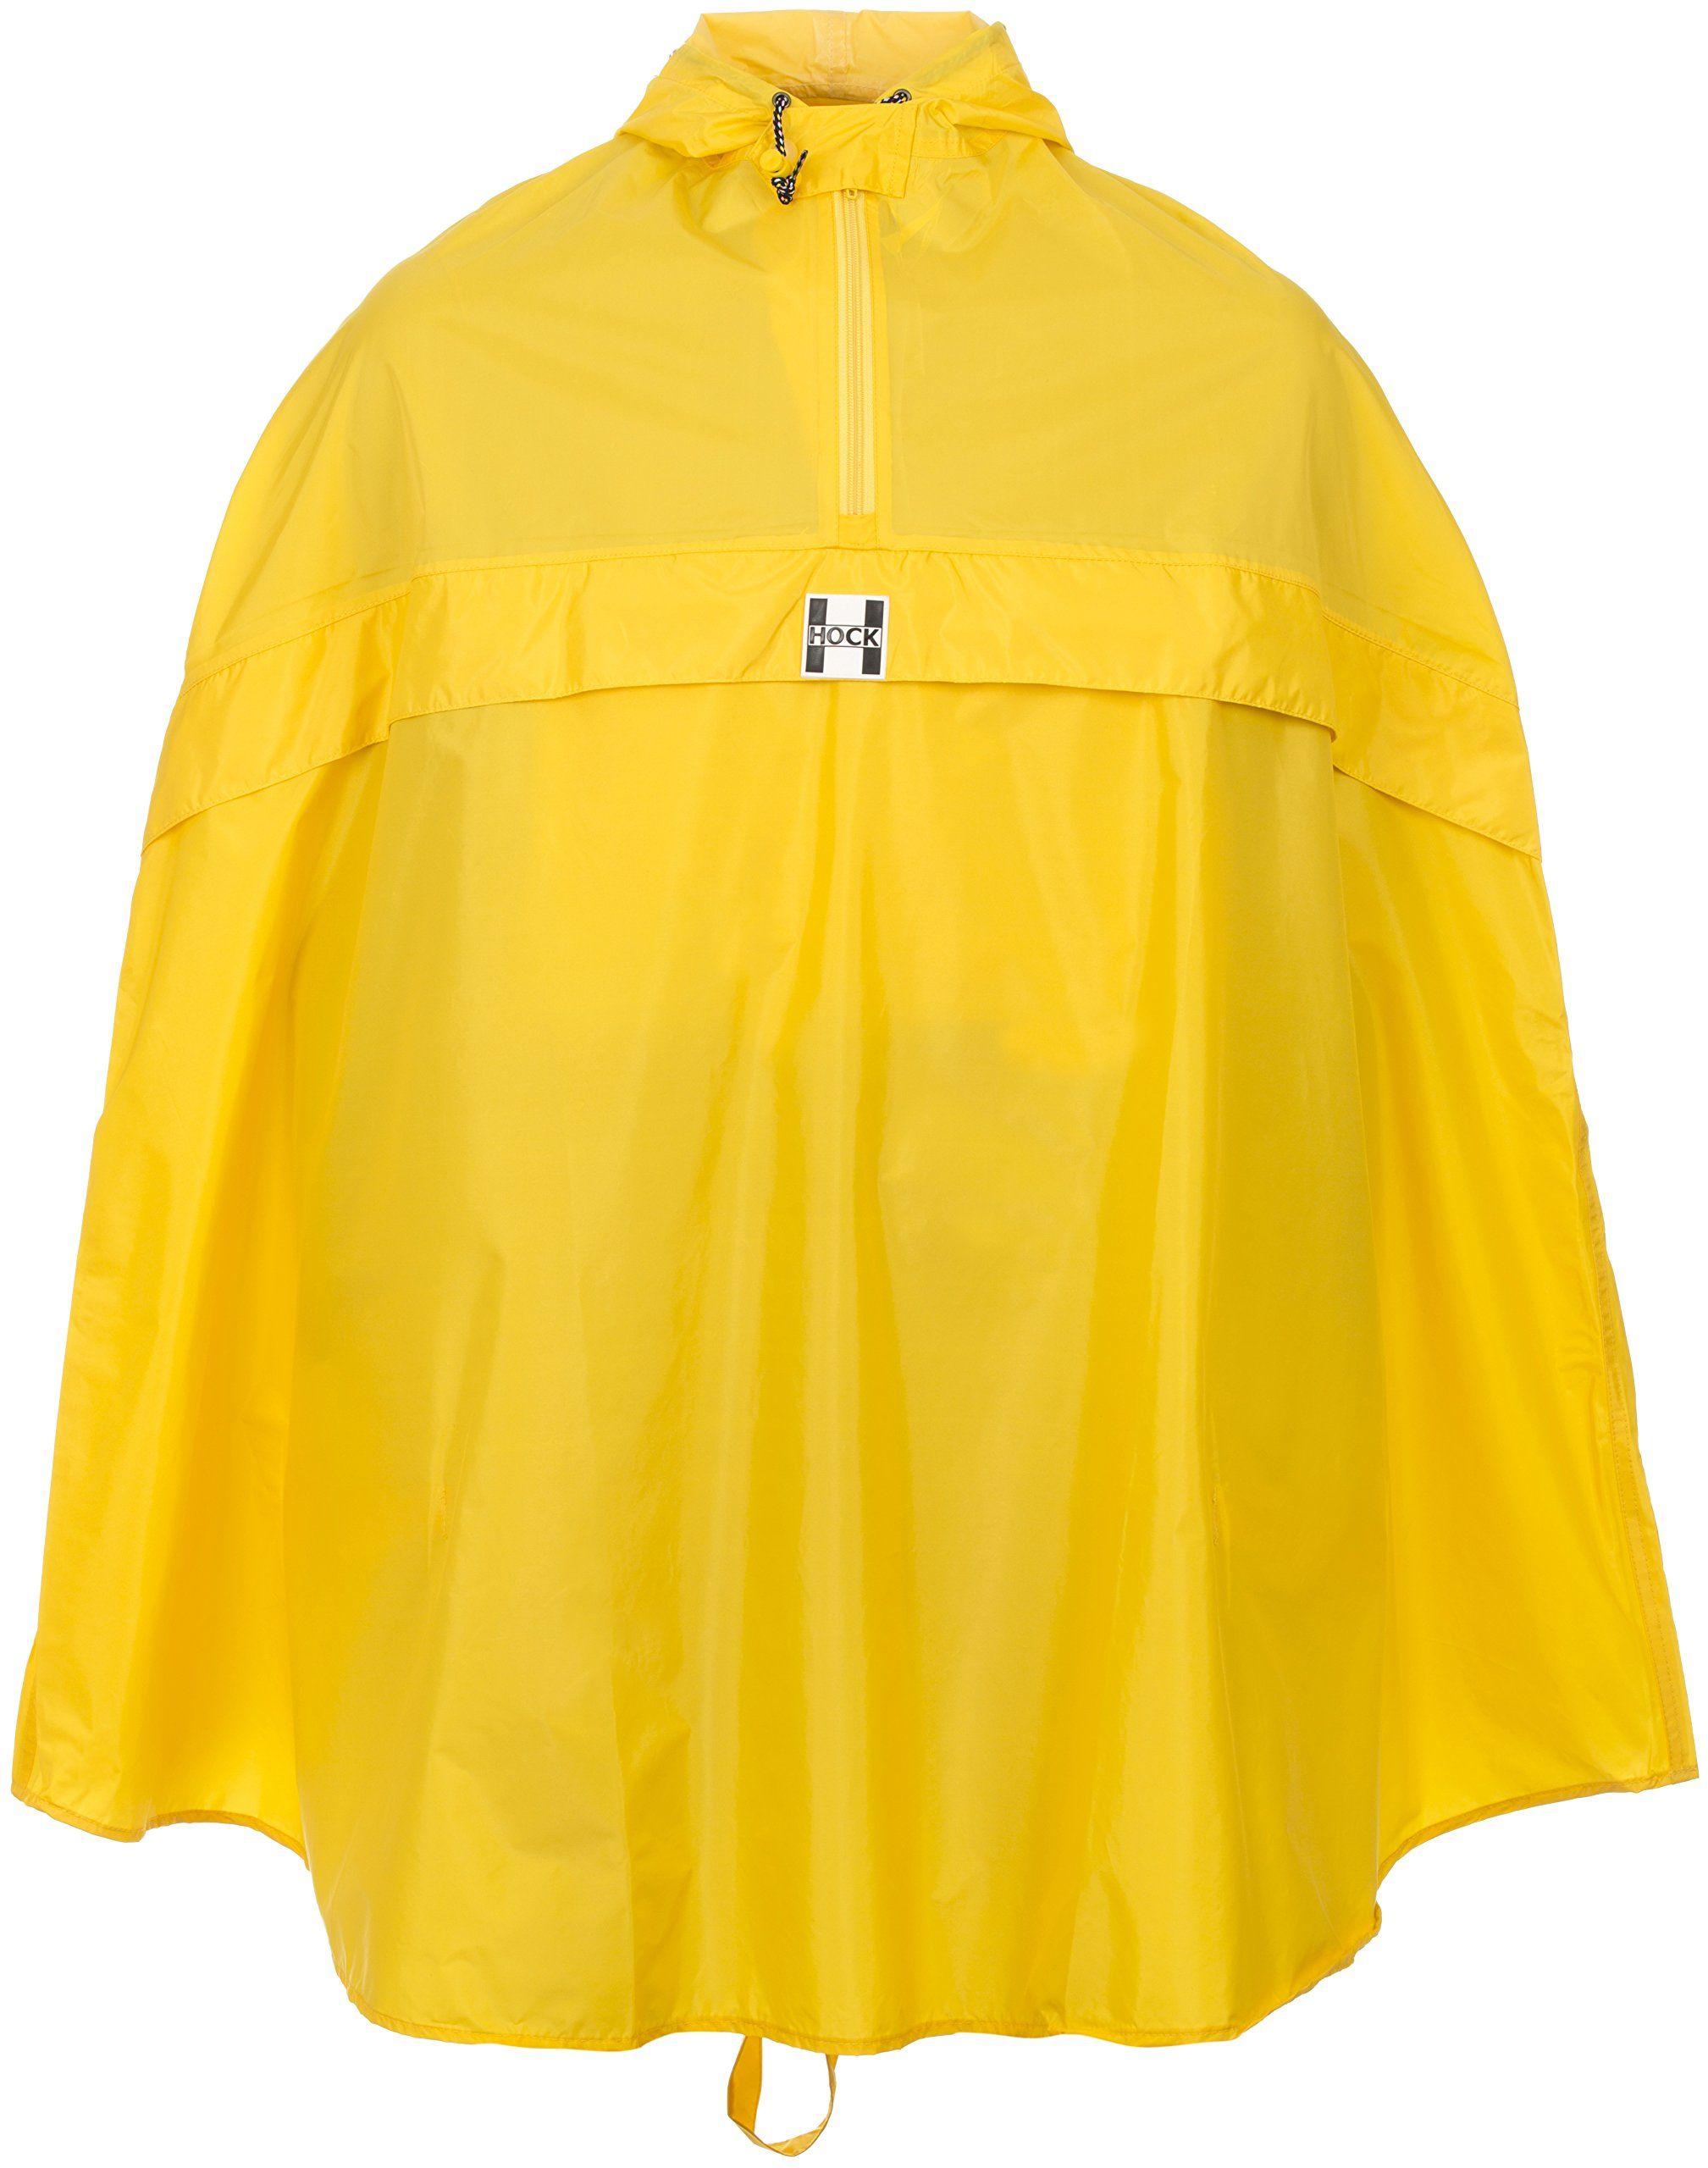 Hock Regenbekleidung Ponczo przeciwdeszczowe dla dorosłych Rain Stop, żółte, XL